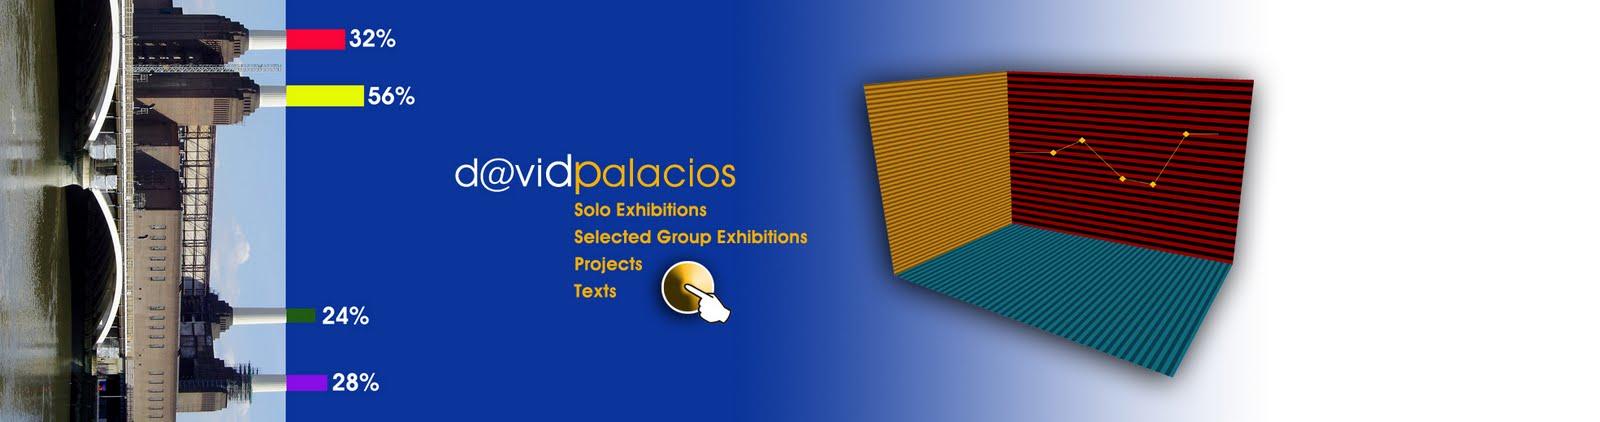 davidpalacios/infografías